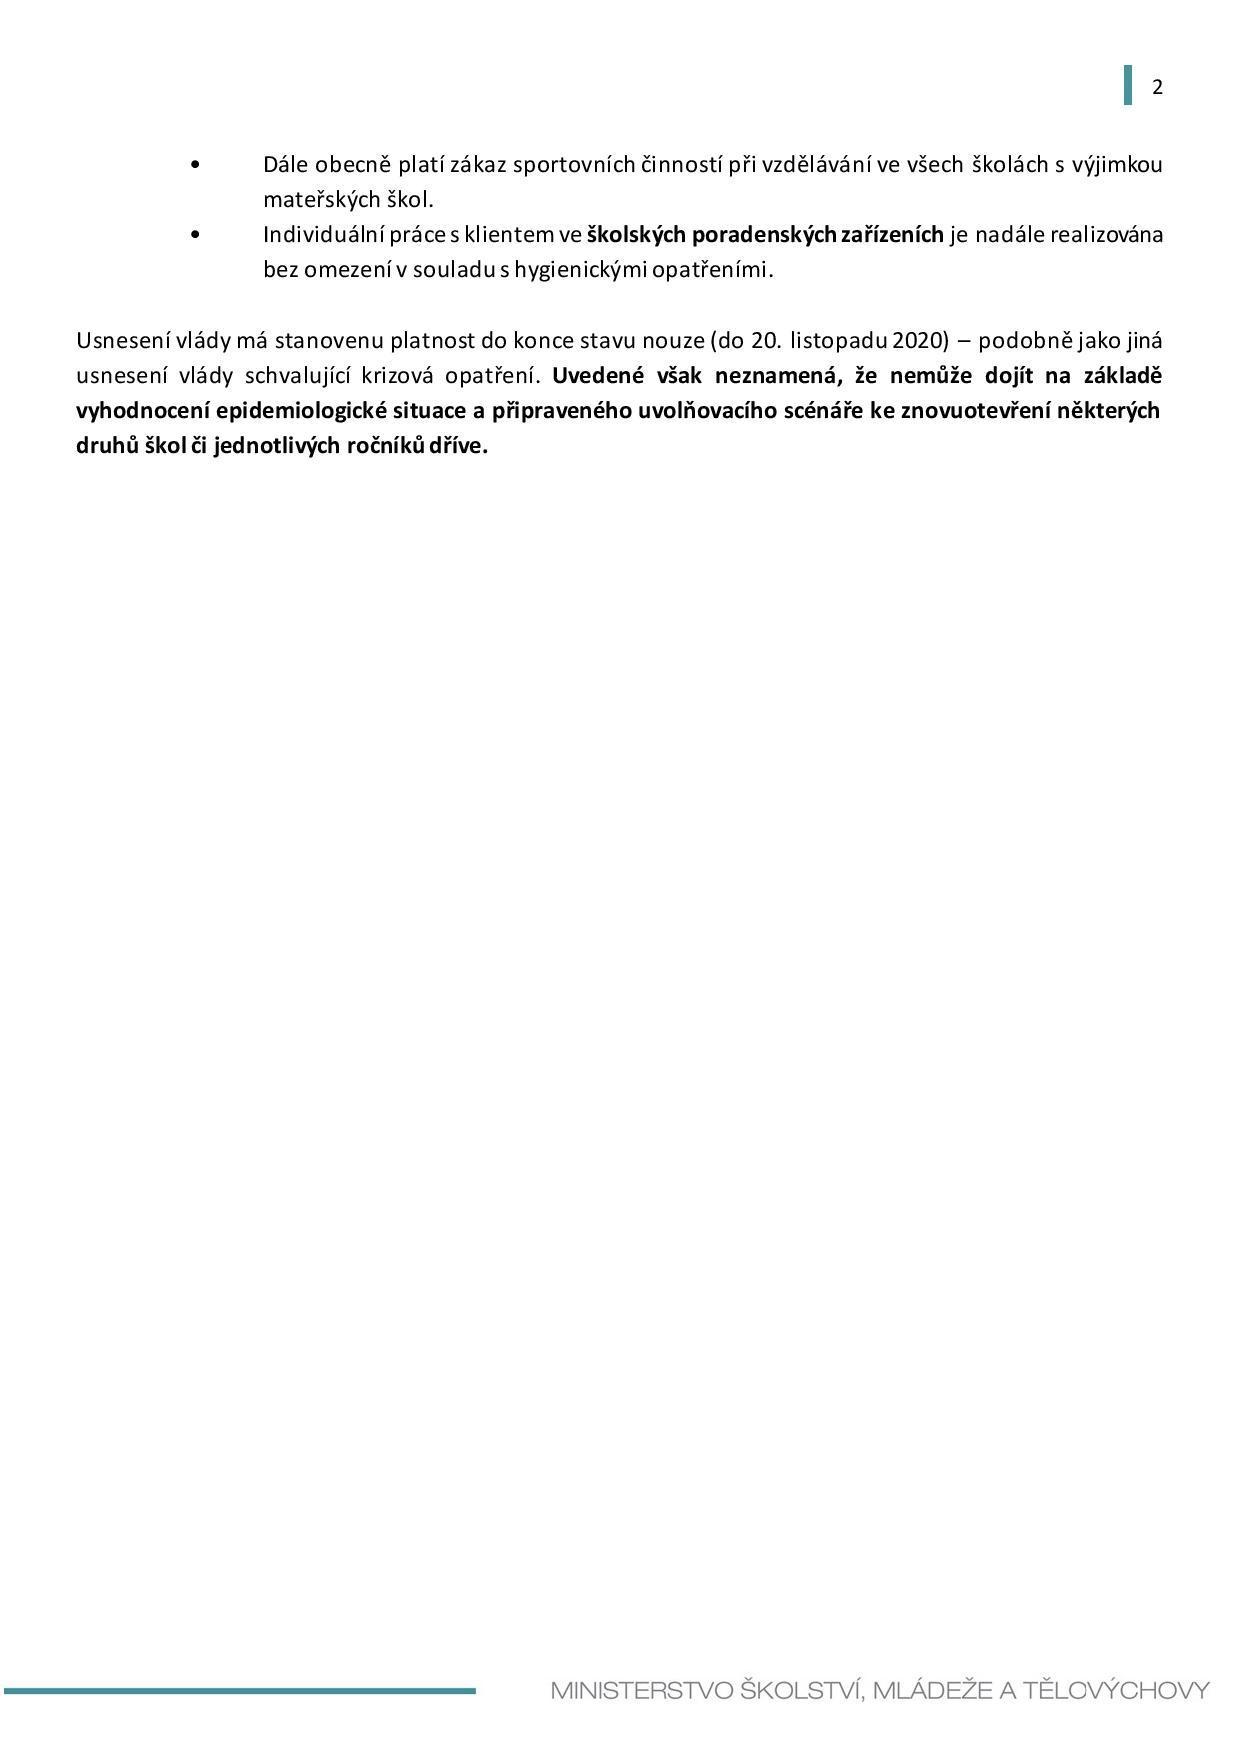 Usnesení vlády